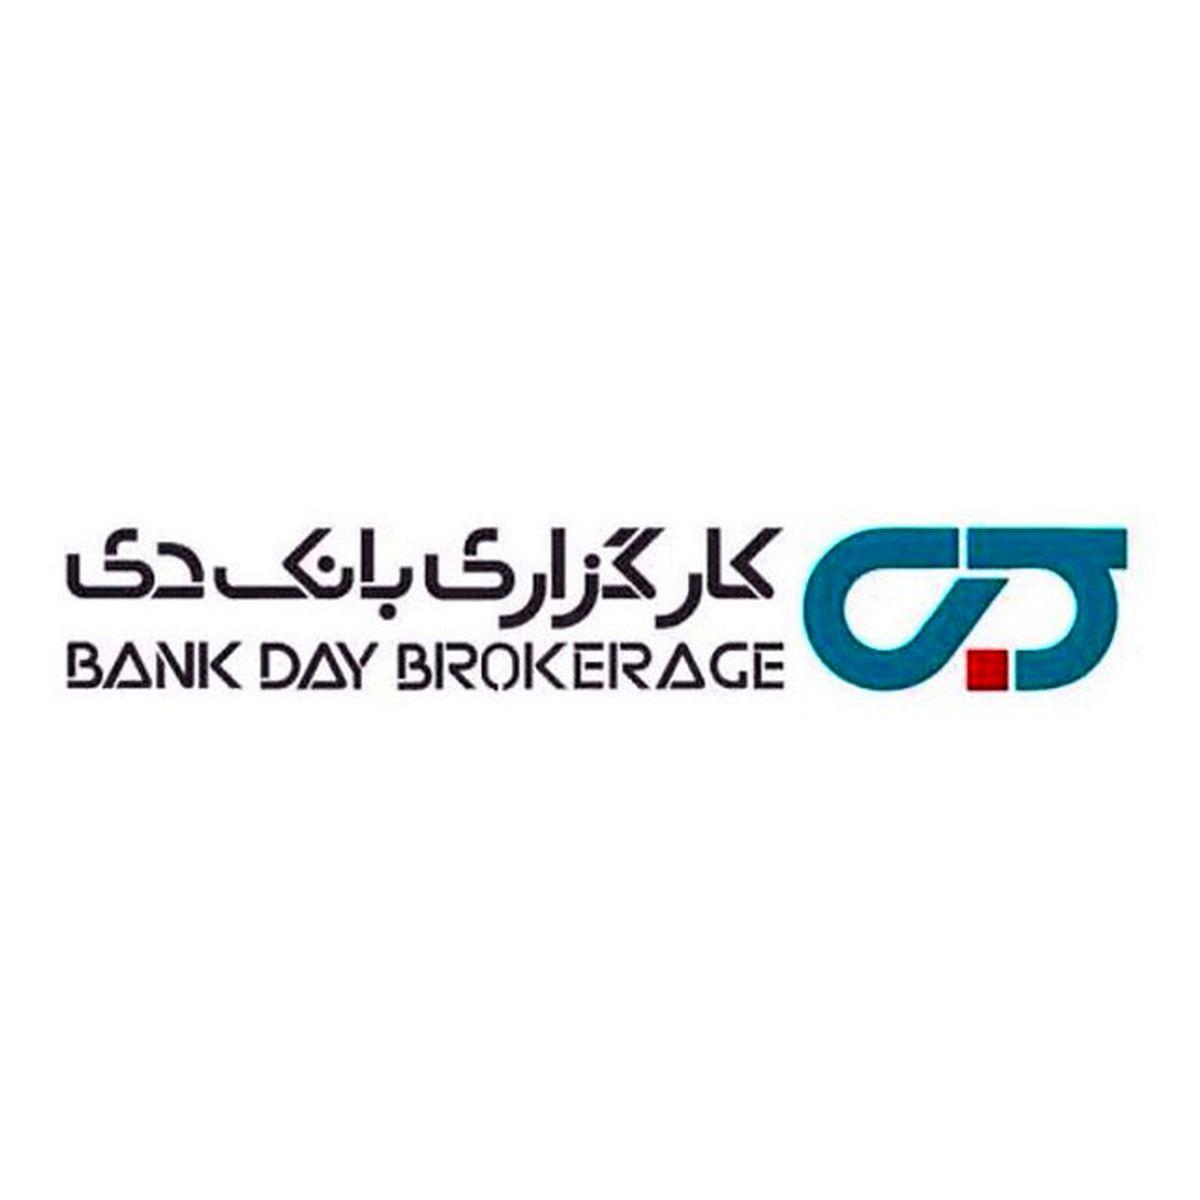 منابع و مصارف دلار در ایران بررسی شد